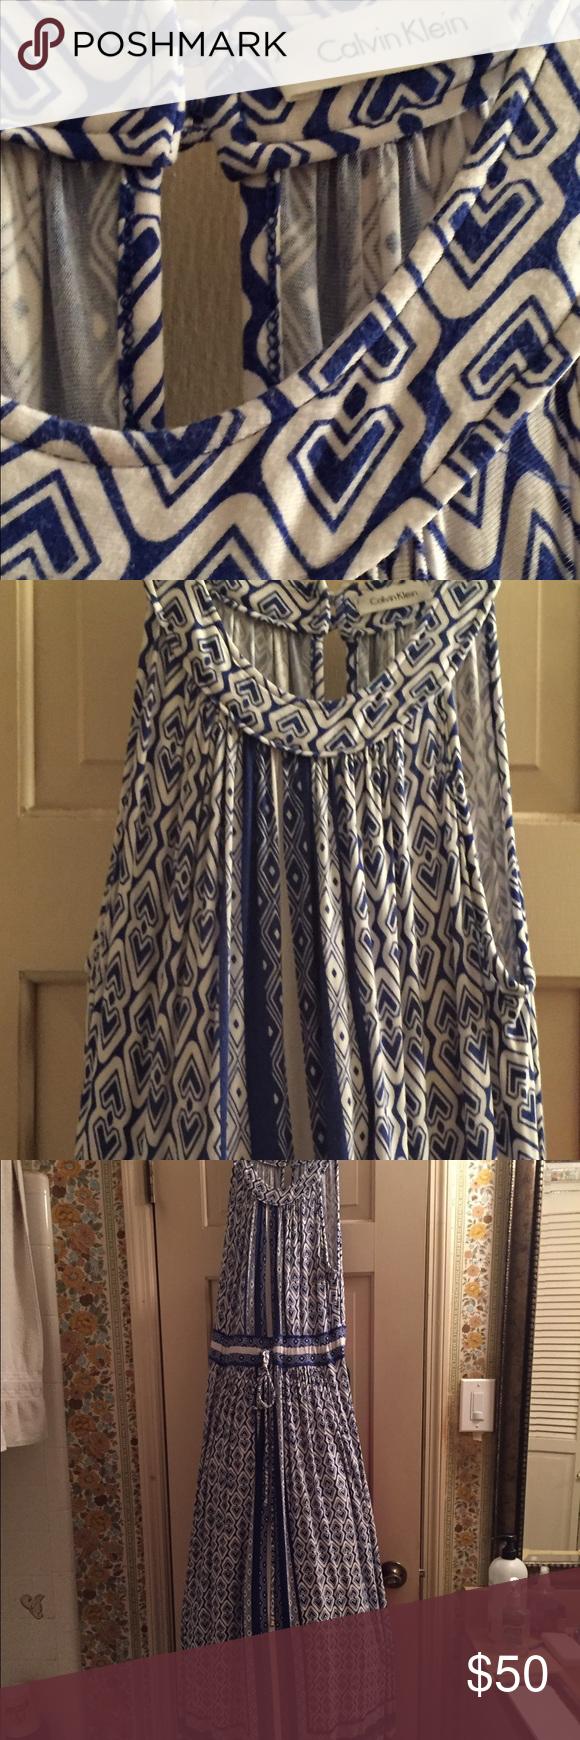 Calvin Klein dress Blue and white Calvin Klein dress super cute. Worn maybe 4 times. Calvin Klein Dresses Maxi